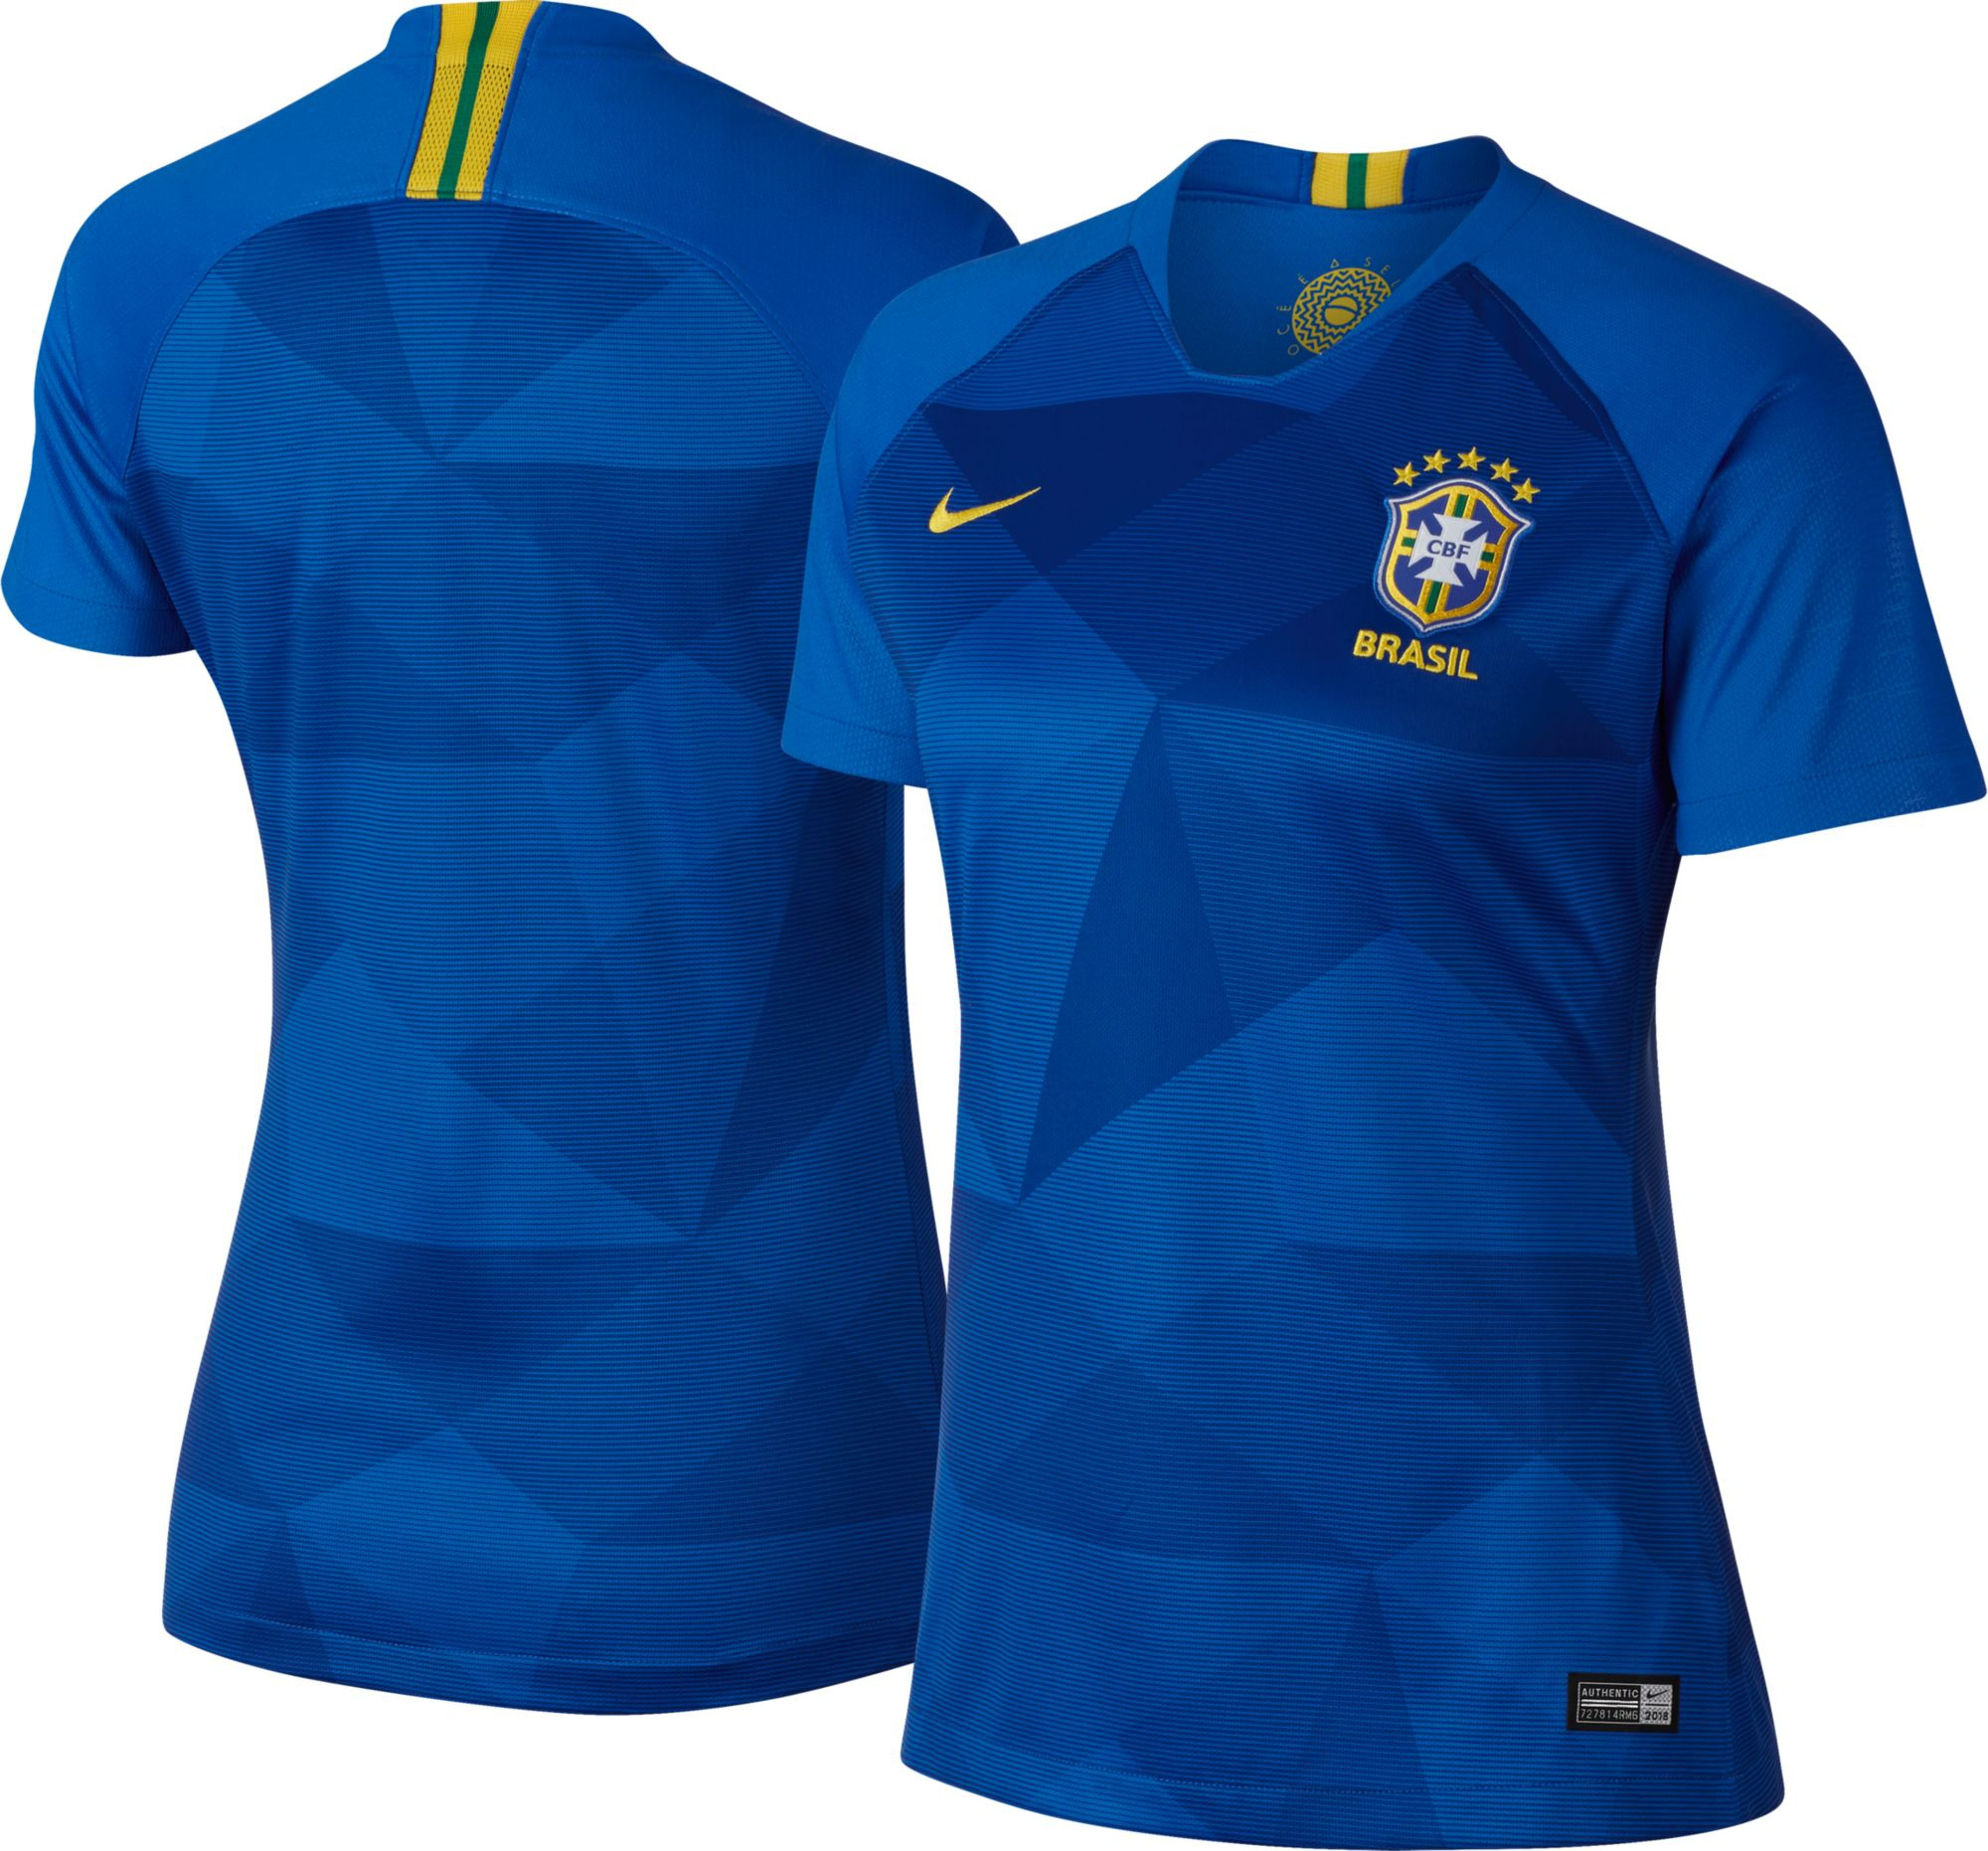 huge discount 1930f 70073 Jersey - Women Brazil Away World Cup Official 2018 Jersey Football Jersey  Onli